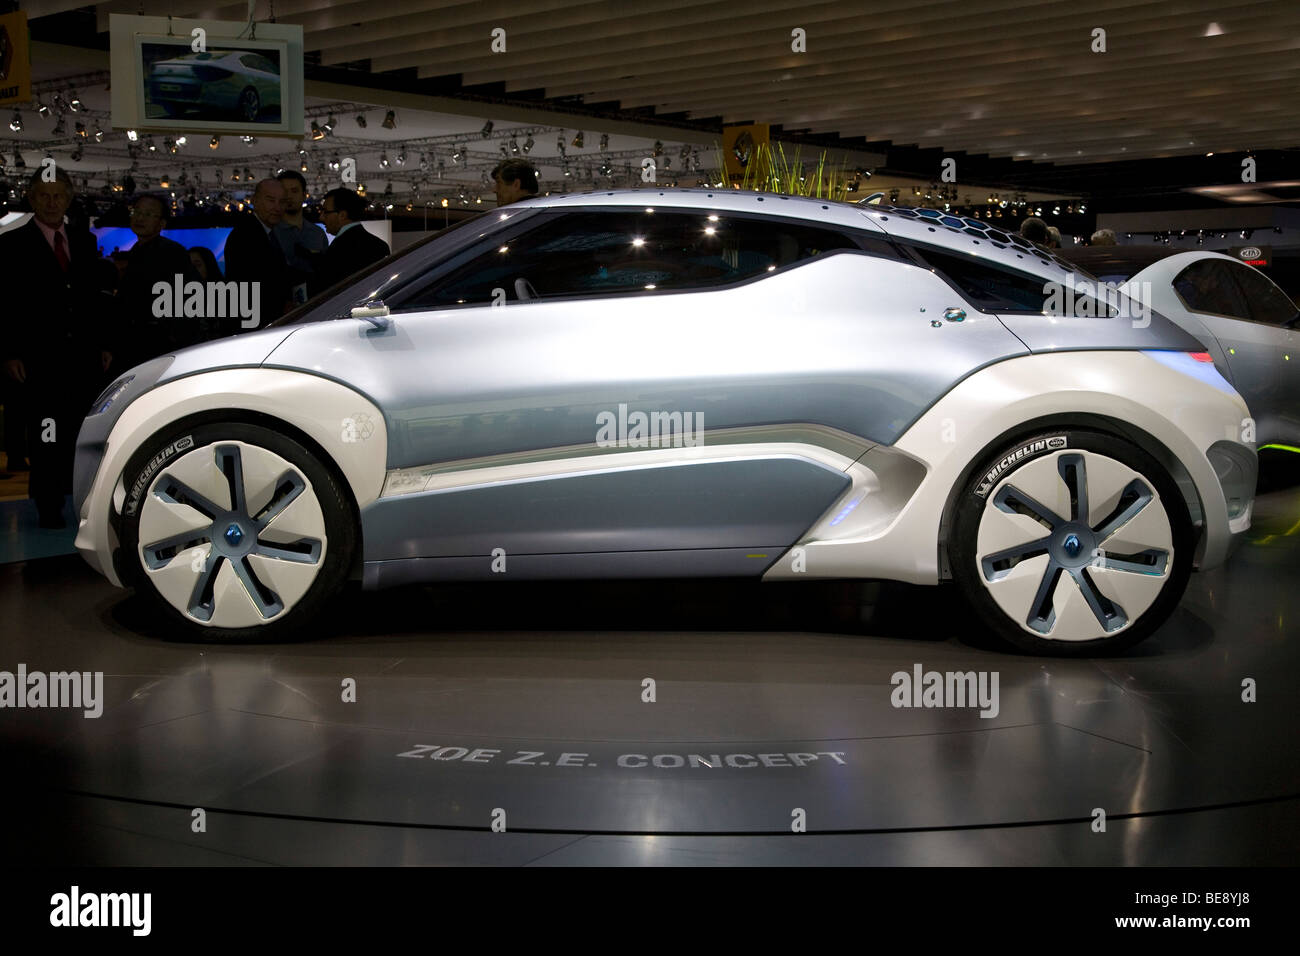 La Renault Zoe ZE concept car elettrica a livello europeo motor show Immagini Stock